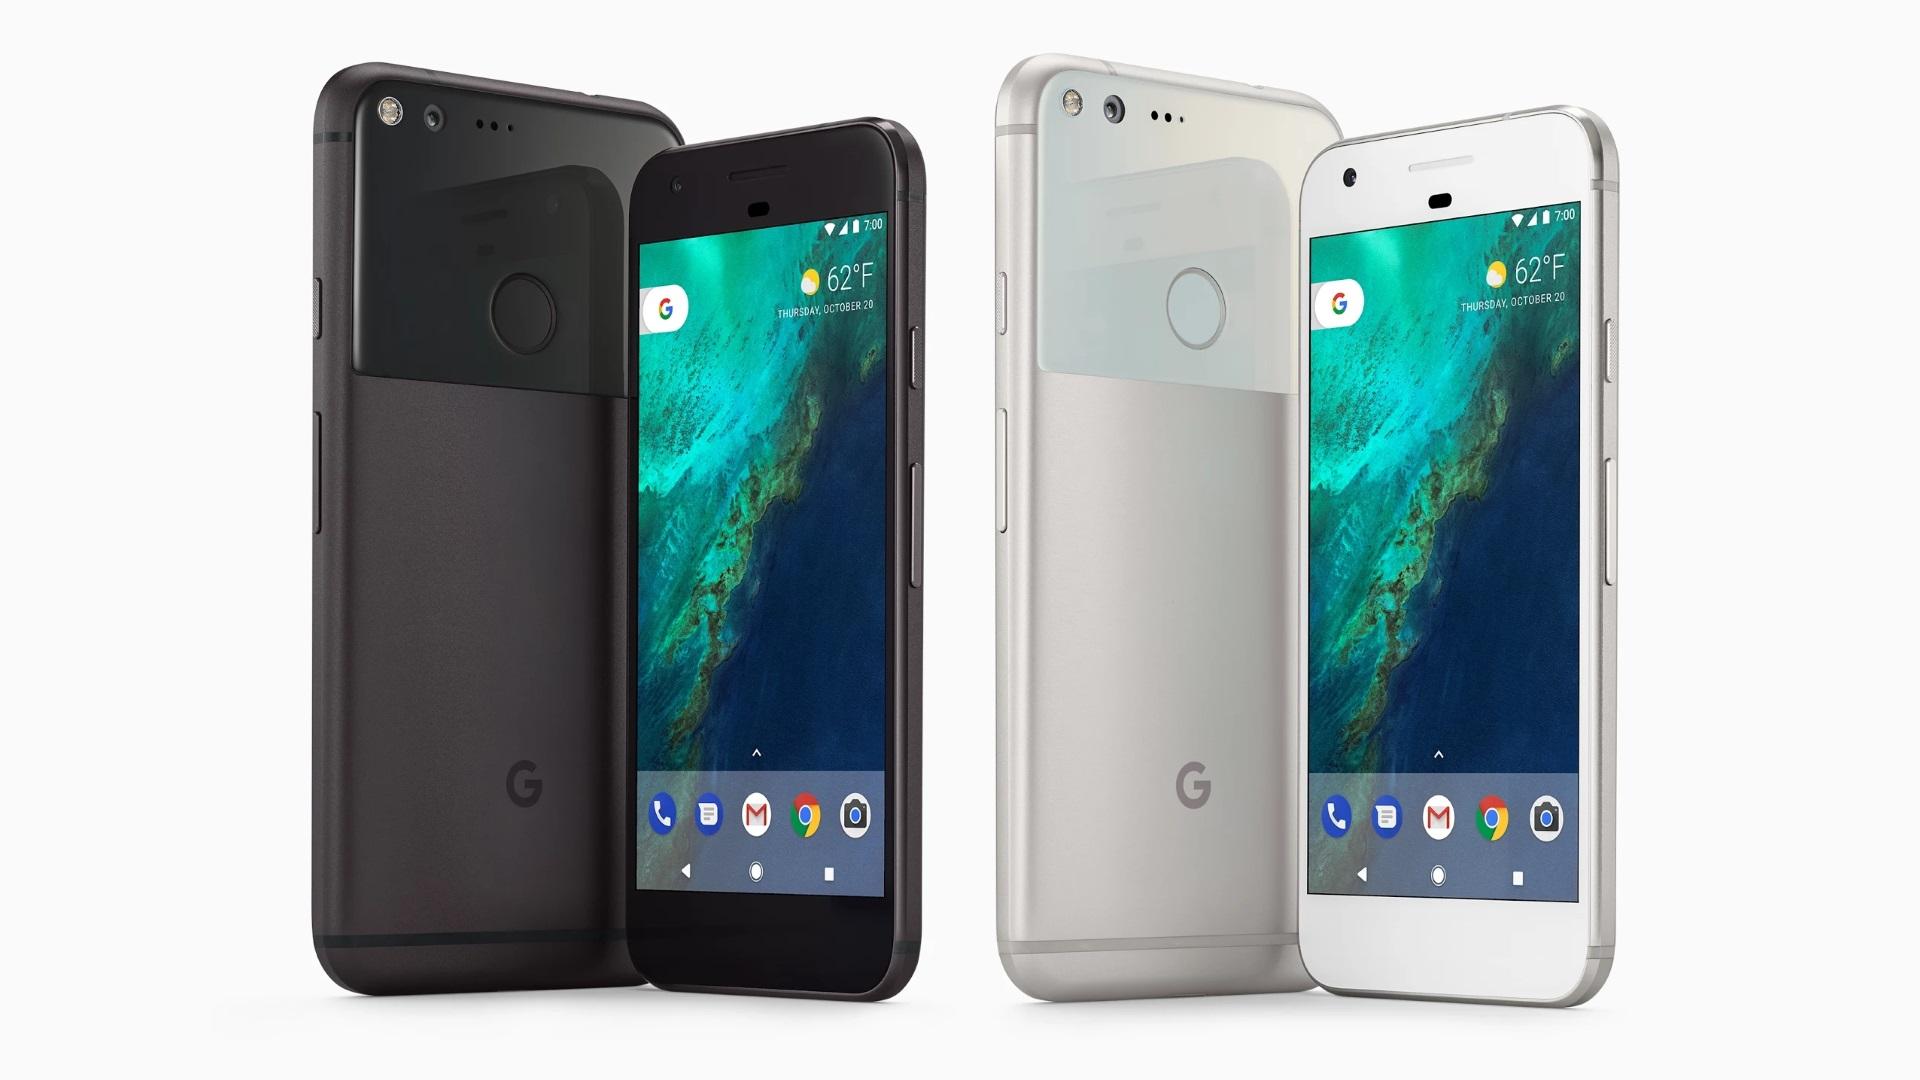 ベンチマークで「Google Pixel XL2」を捕捉、Snapdragon 835プロセッサ搭載